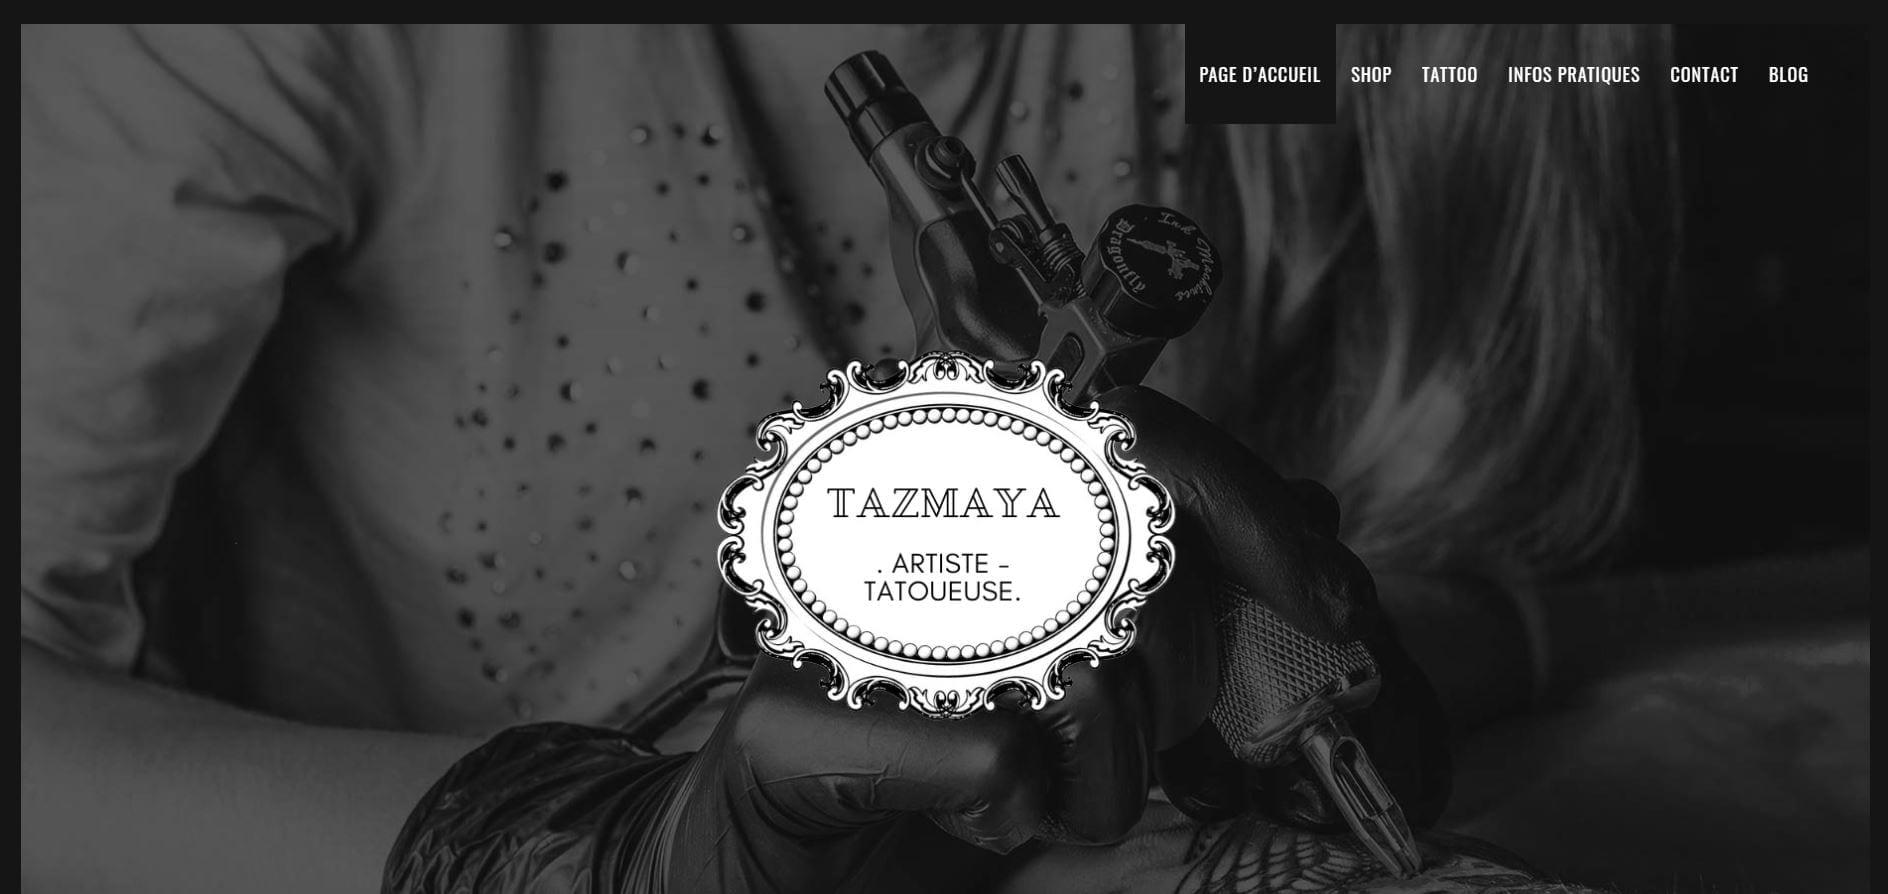 tazmaya tattoo website